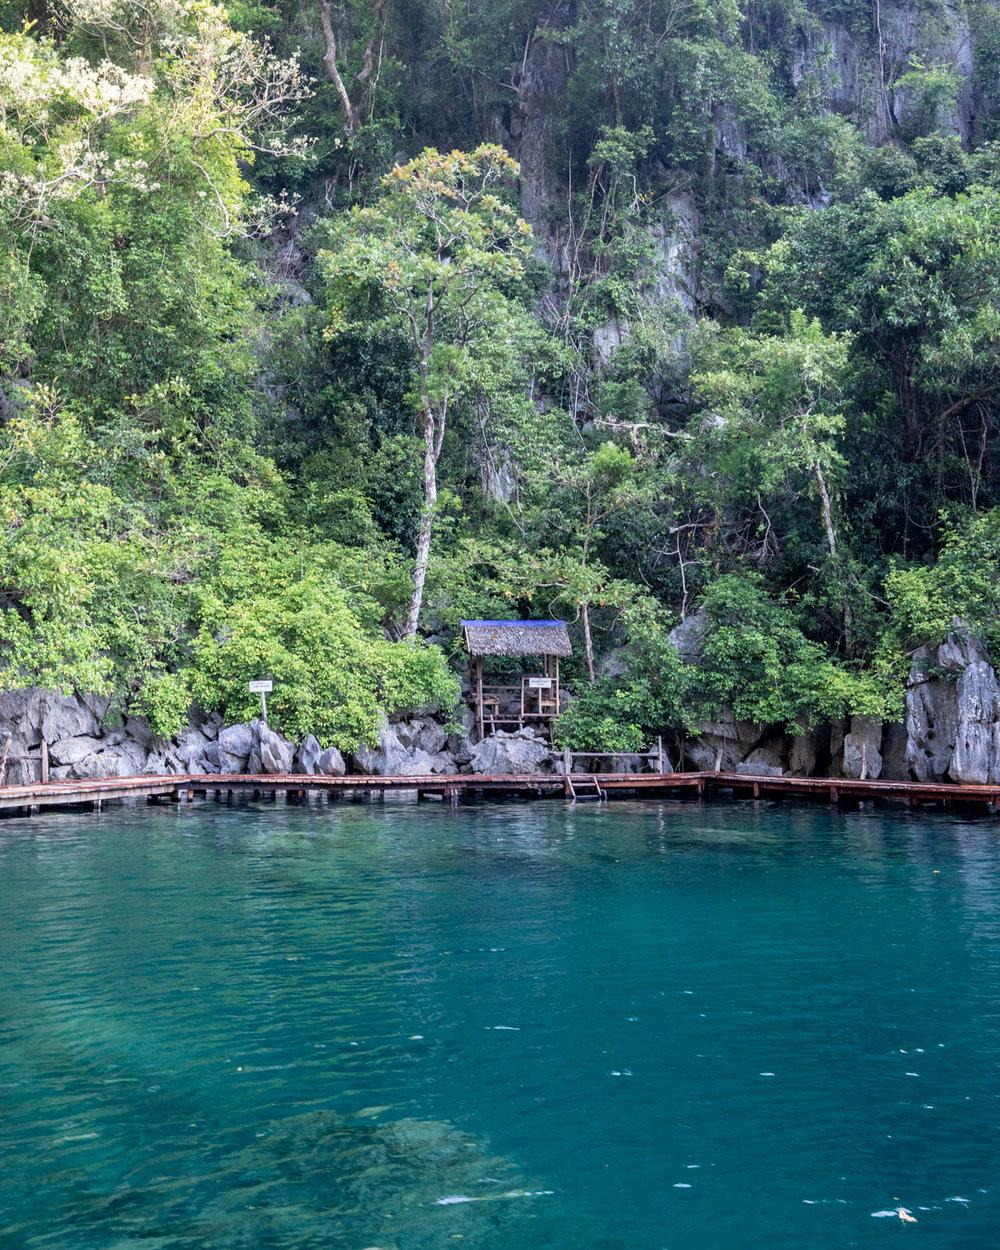 The lifeguard's hut at Kayangan Lake, Coron Palawan